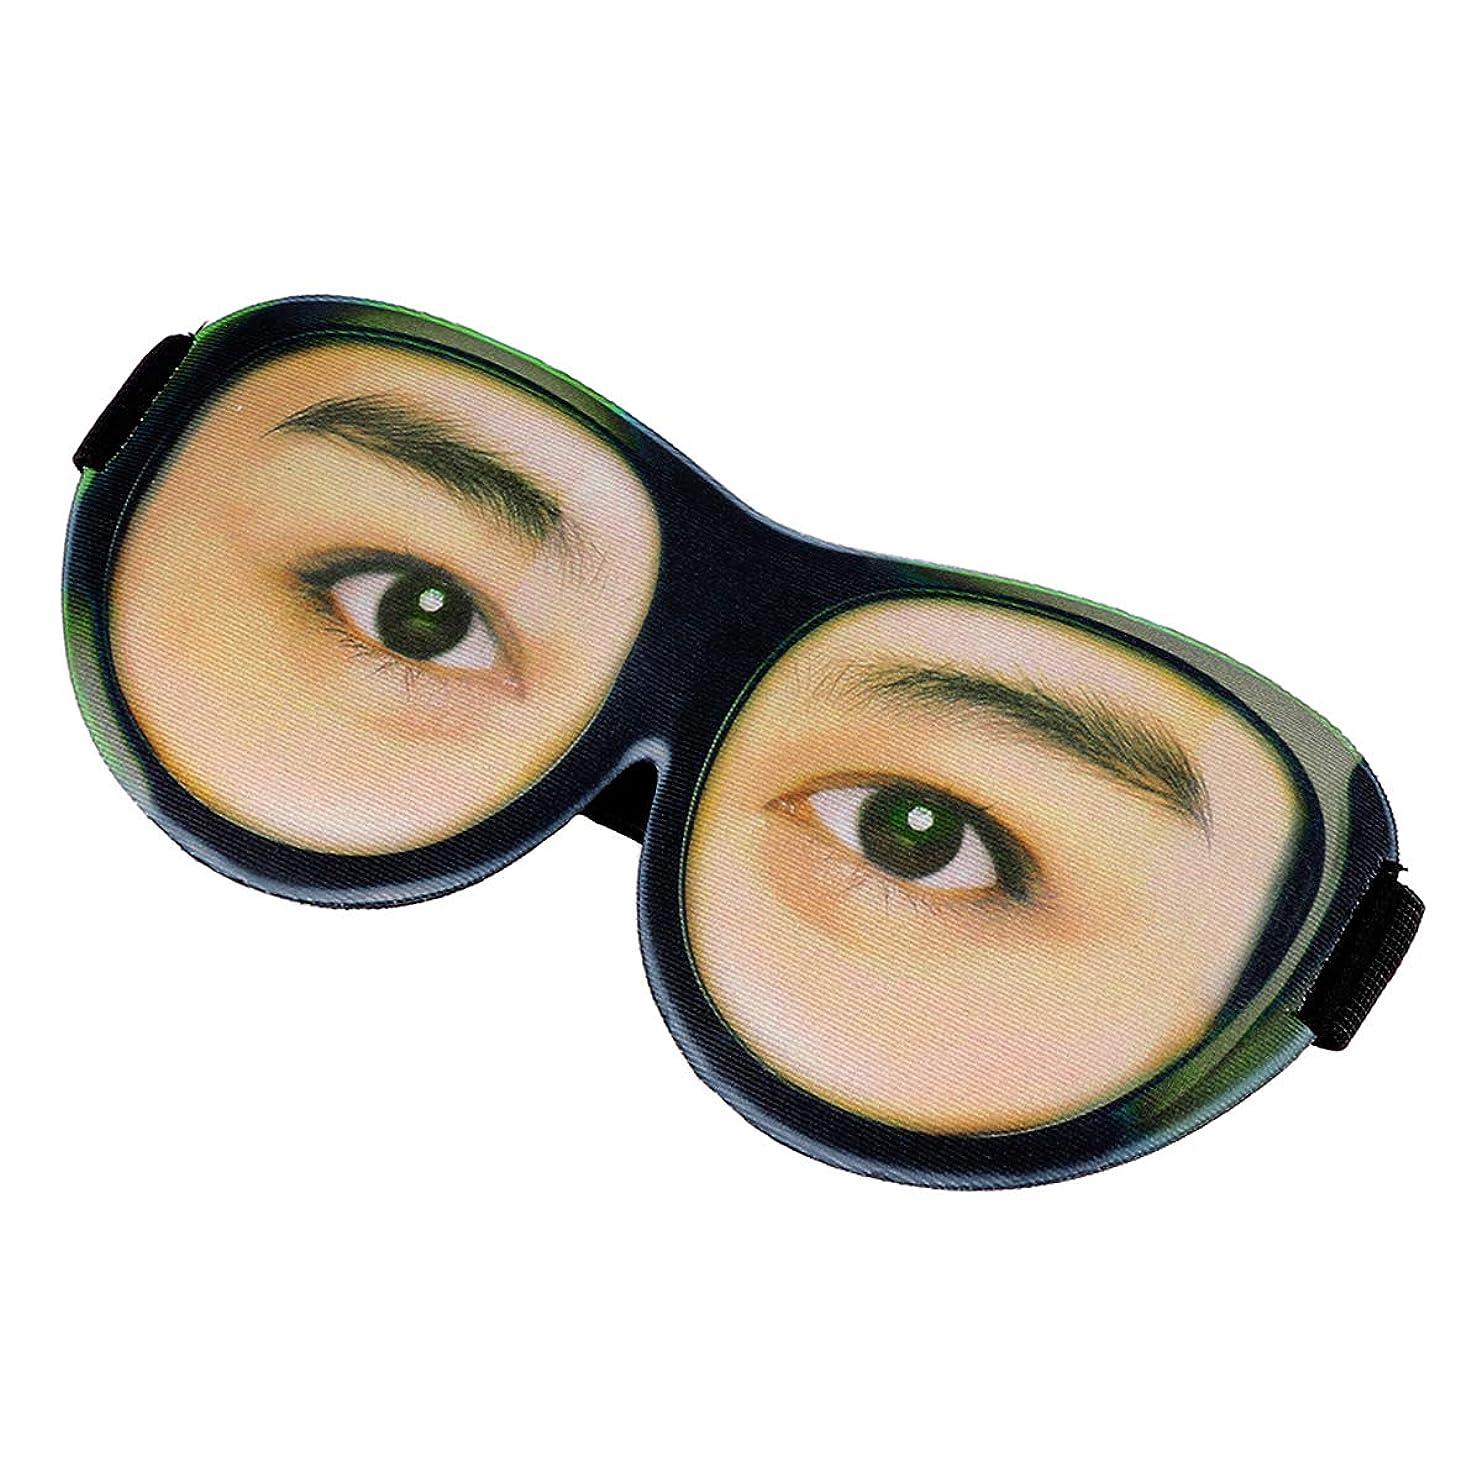 含意電気技師持つBeaupretty 睡眠マスクメガネ面白い3D調節可能ストラップ付きアイマスクアイシェード睡眠用アイシェード